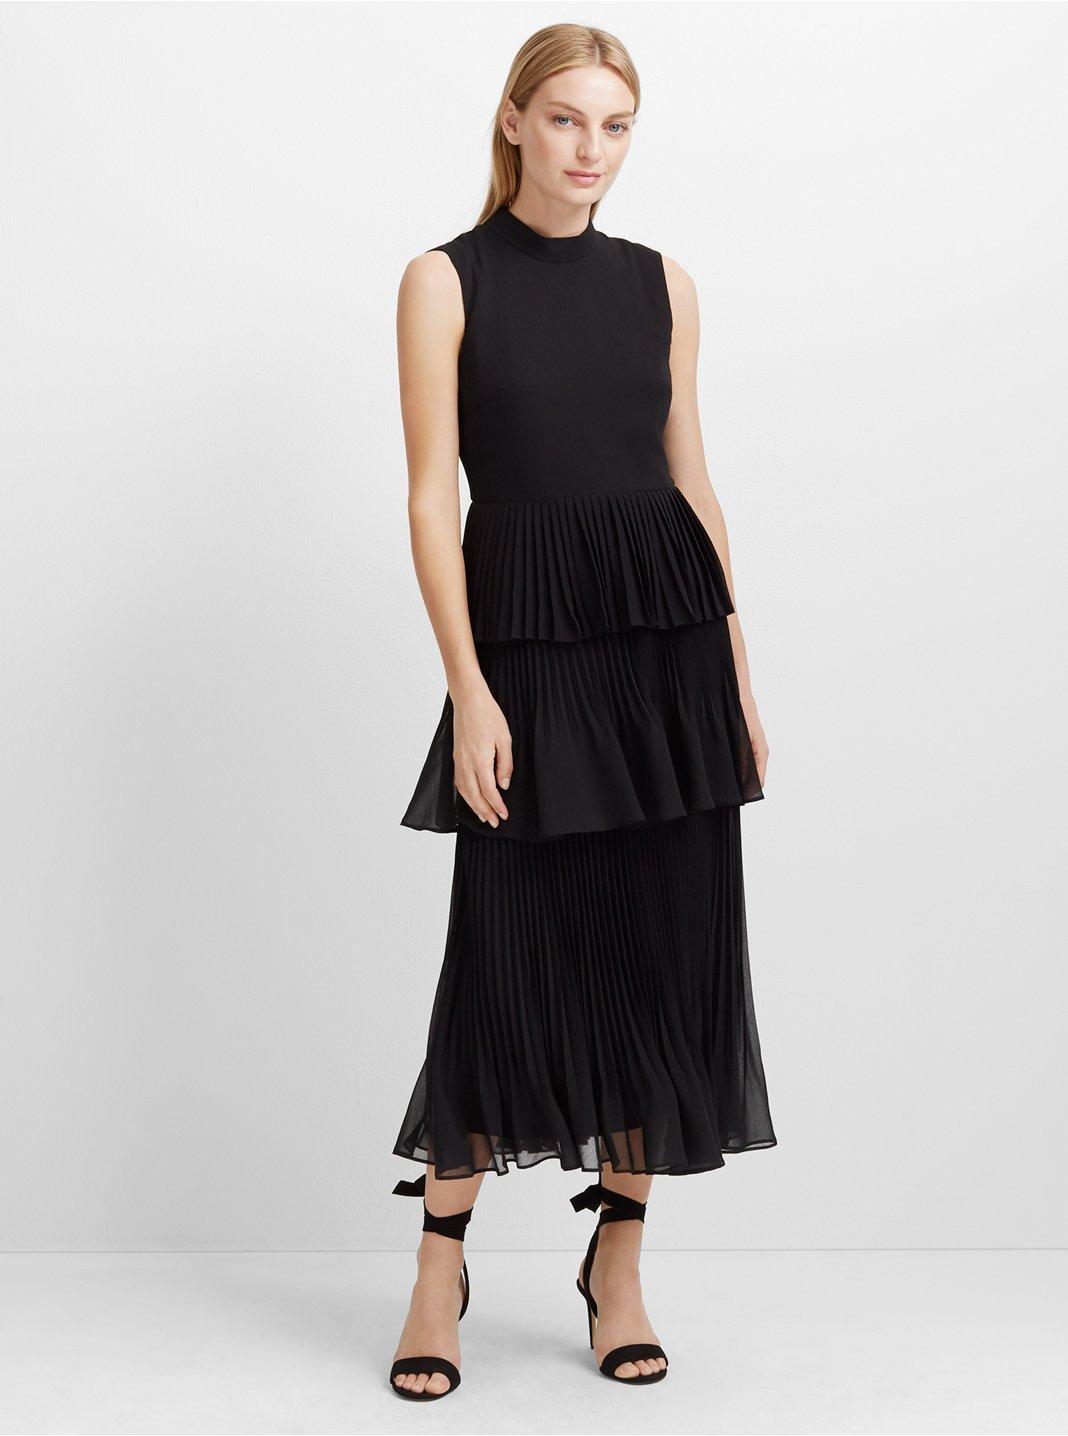 36b47ffaf7cf Womens Dresses